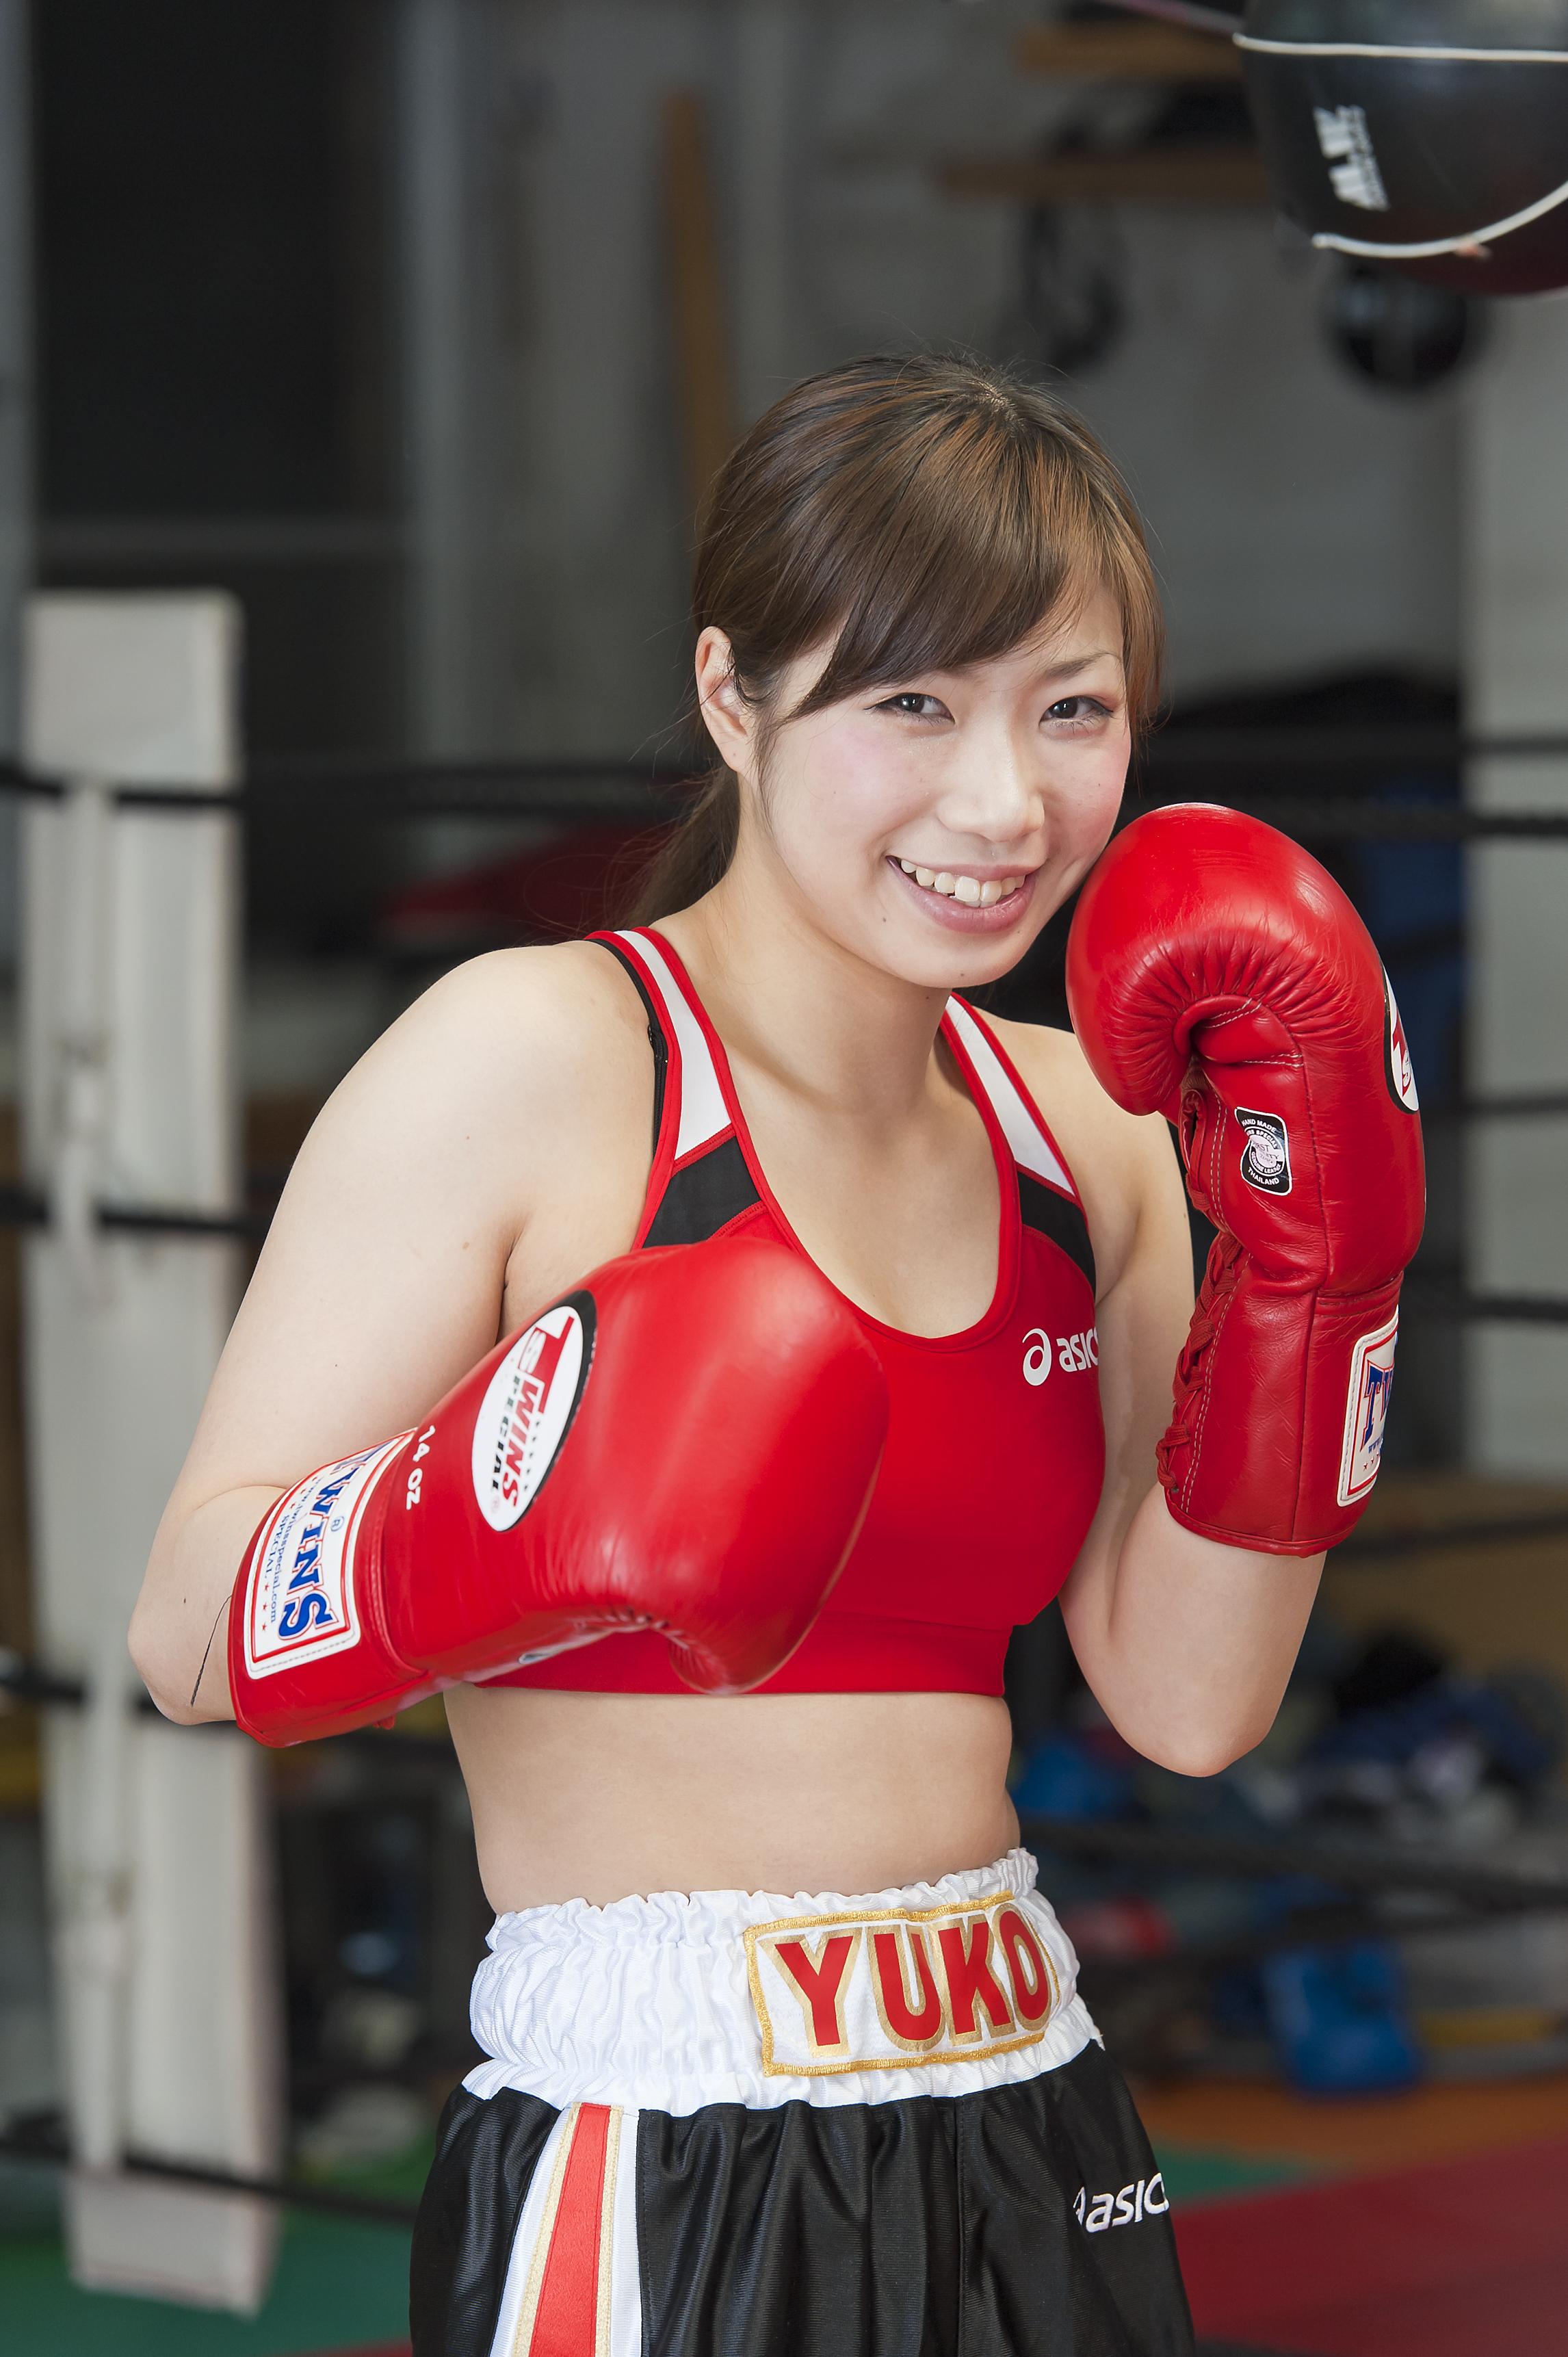 黒木優子は美女ボクサー!ボコボコにされ顔面崩壊!彼氏はいる?